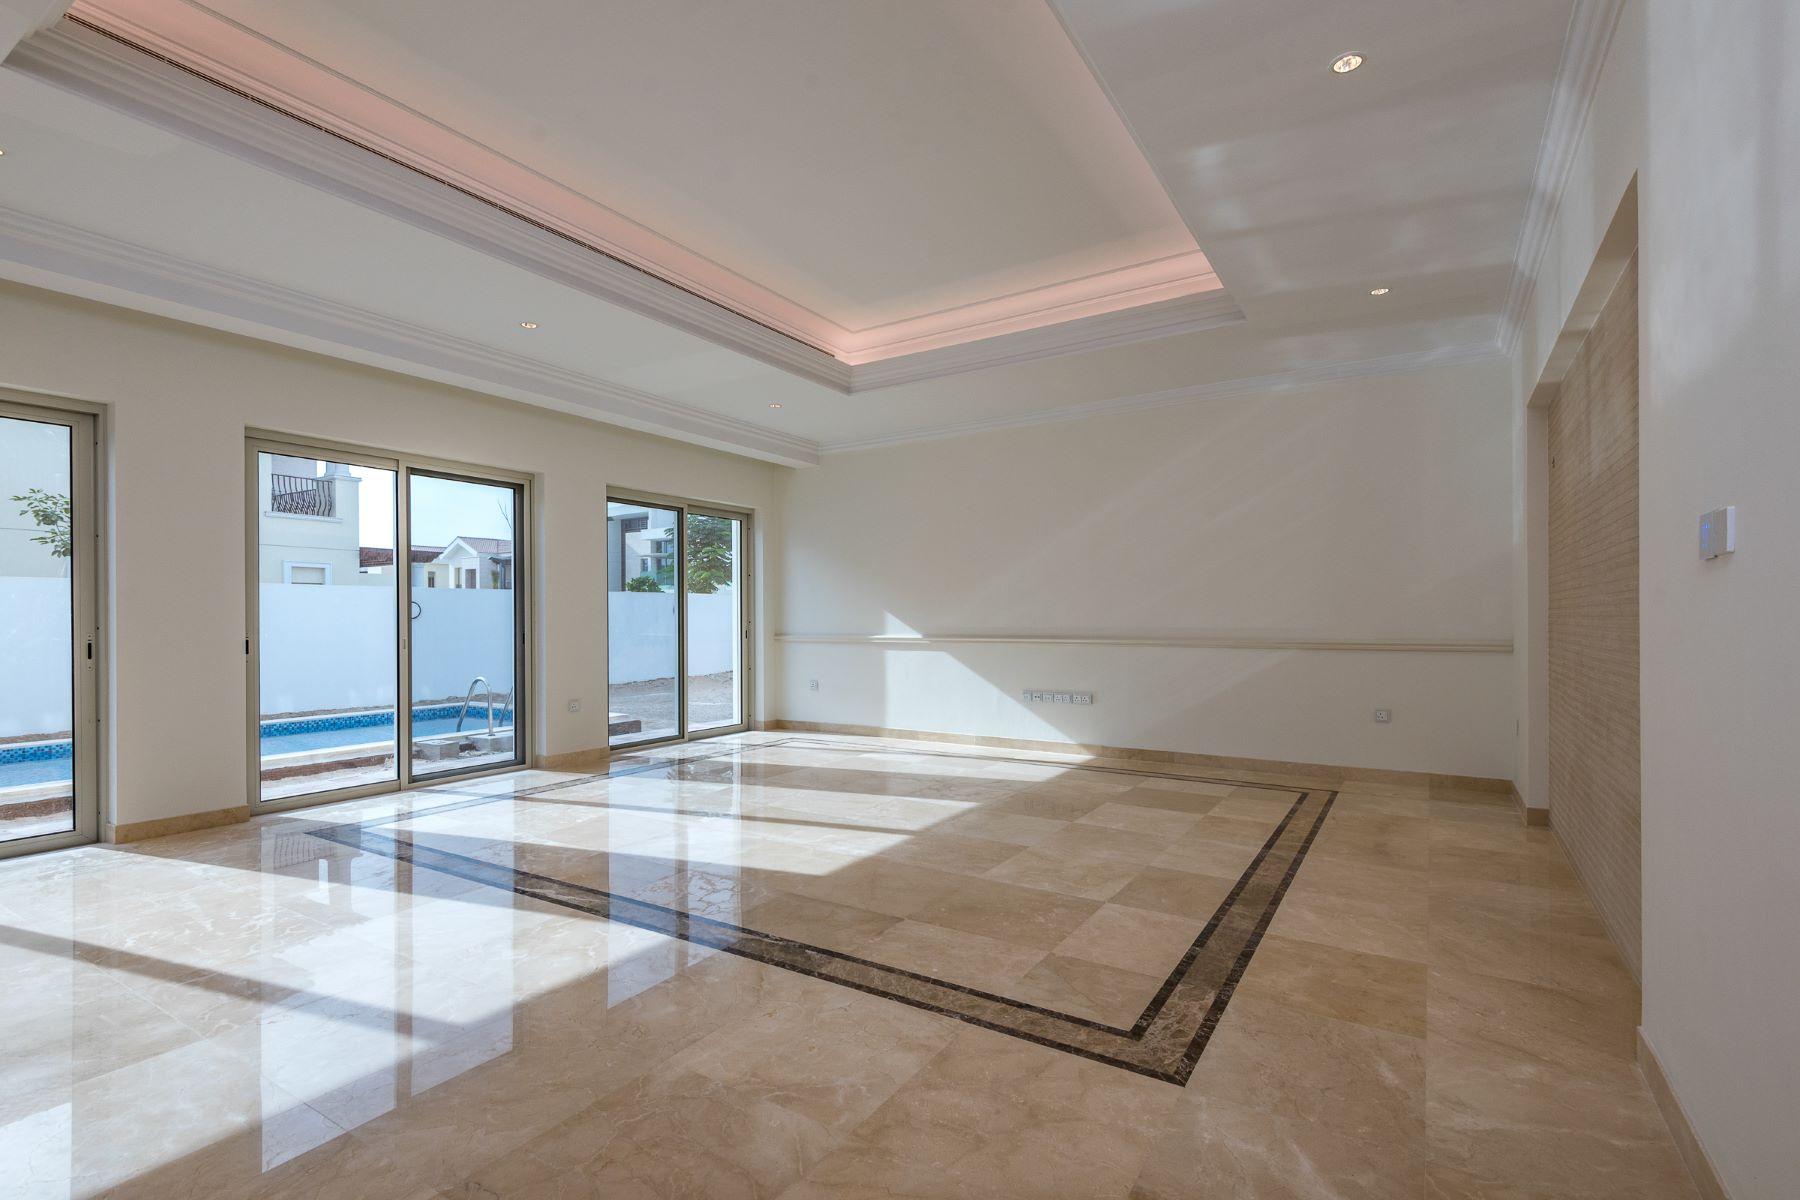 واحد منزل الأسرة للـ Sale في 5 Bedrooms Villa in Meydan Sobha For Sale Meydan City, Meydan Sobha D51, Dubai, 00000 United Arab Emirates